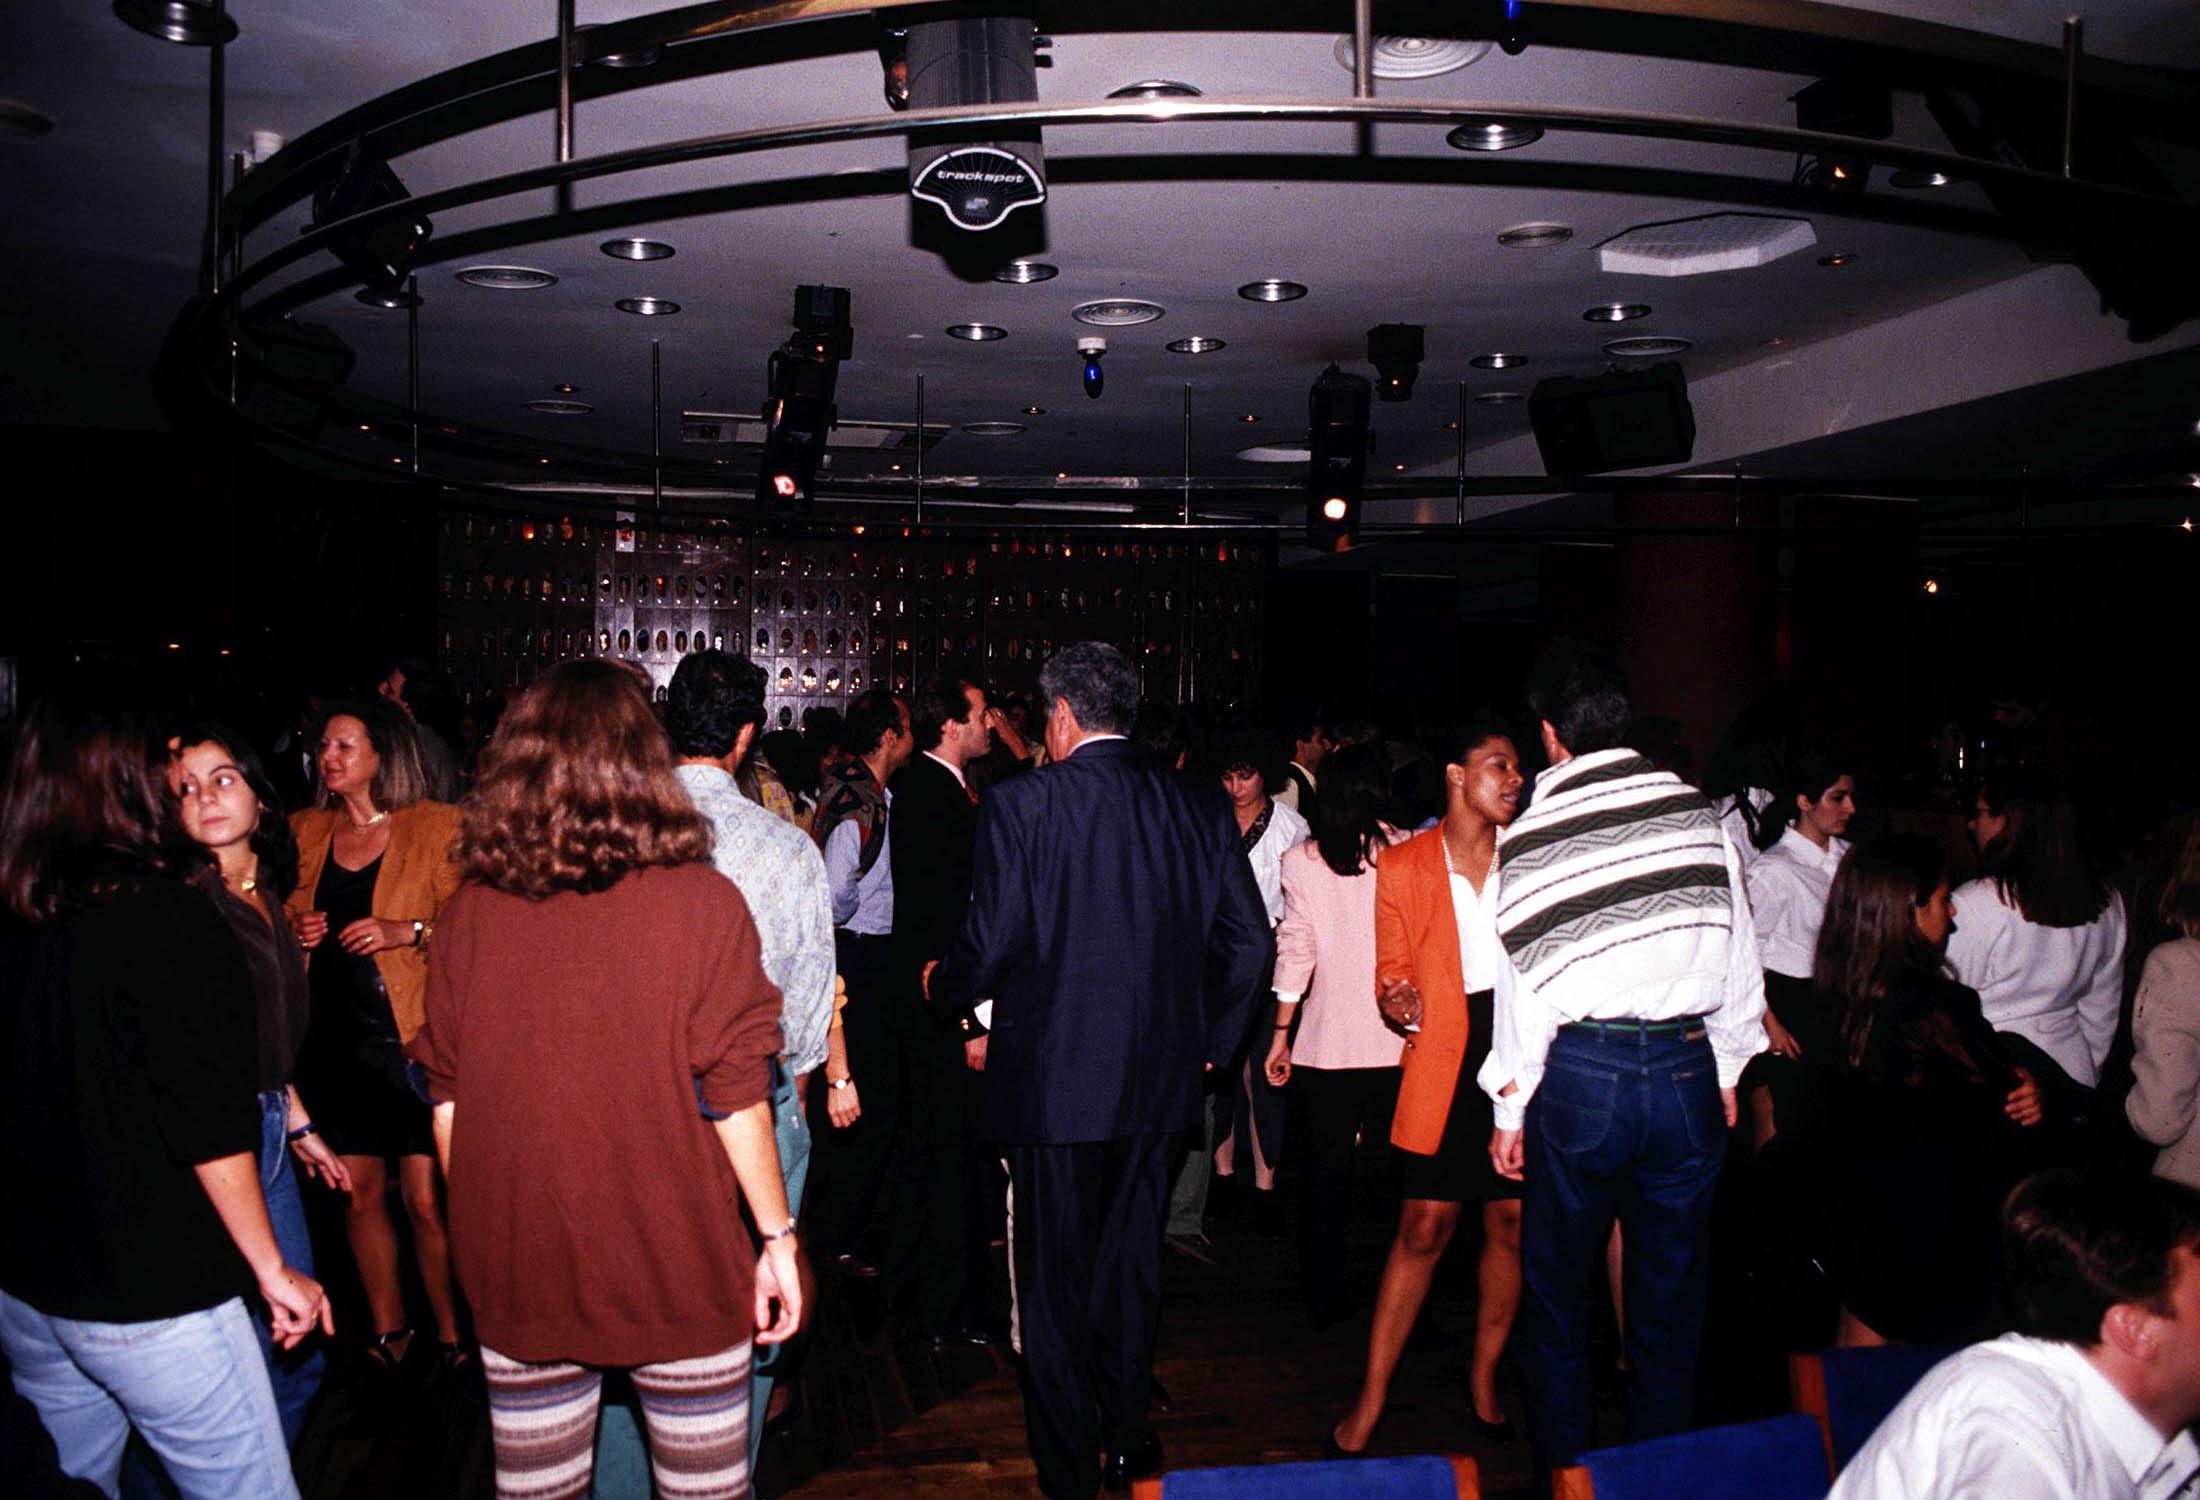 Bares e discotecas com medidas de segurança reforçadas a partir de hoje